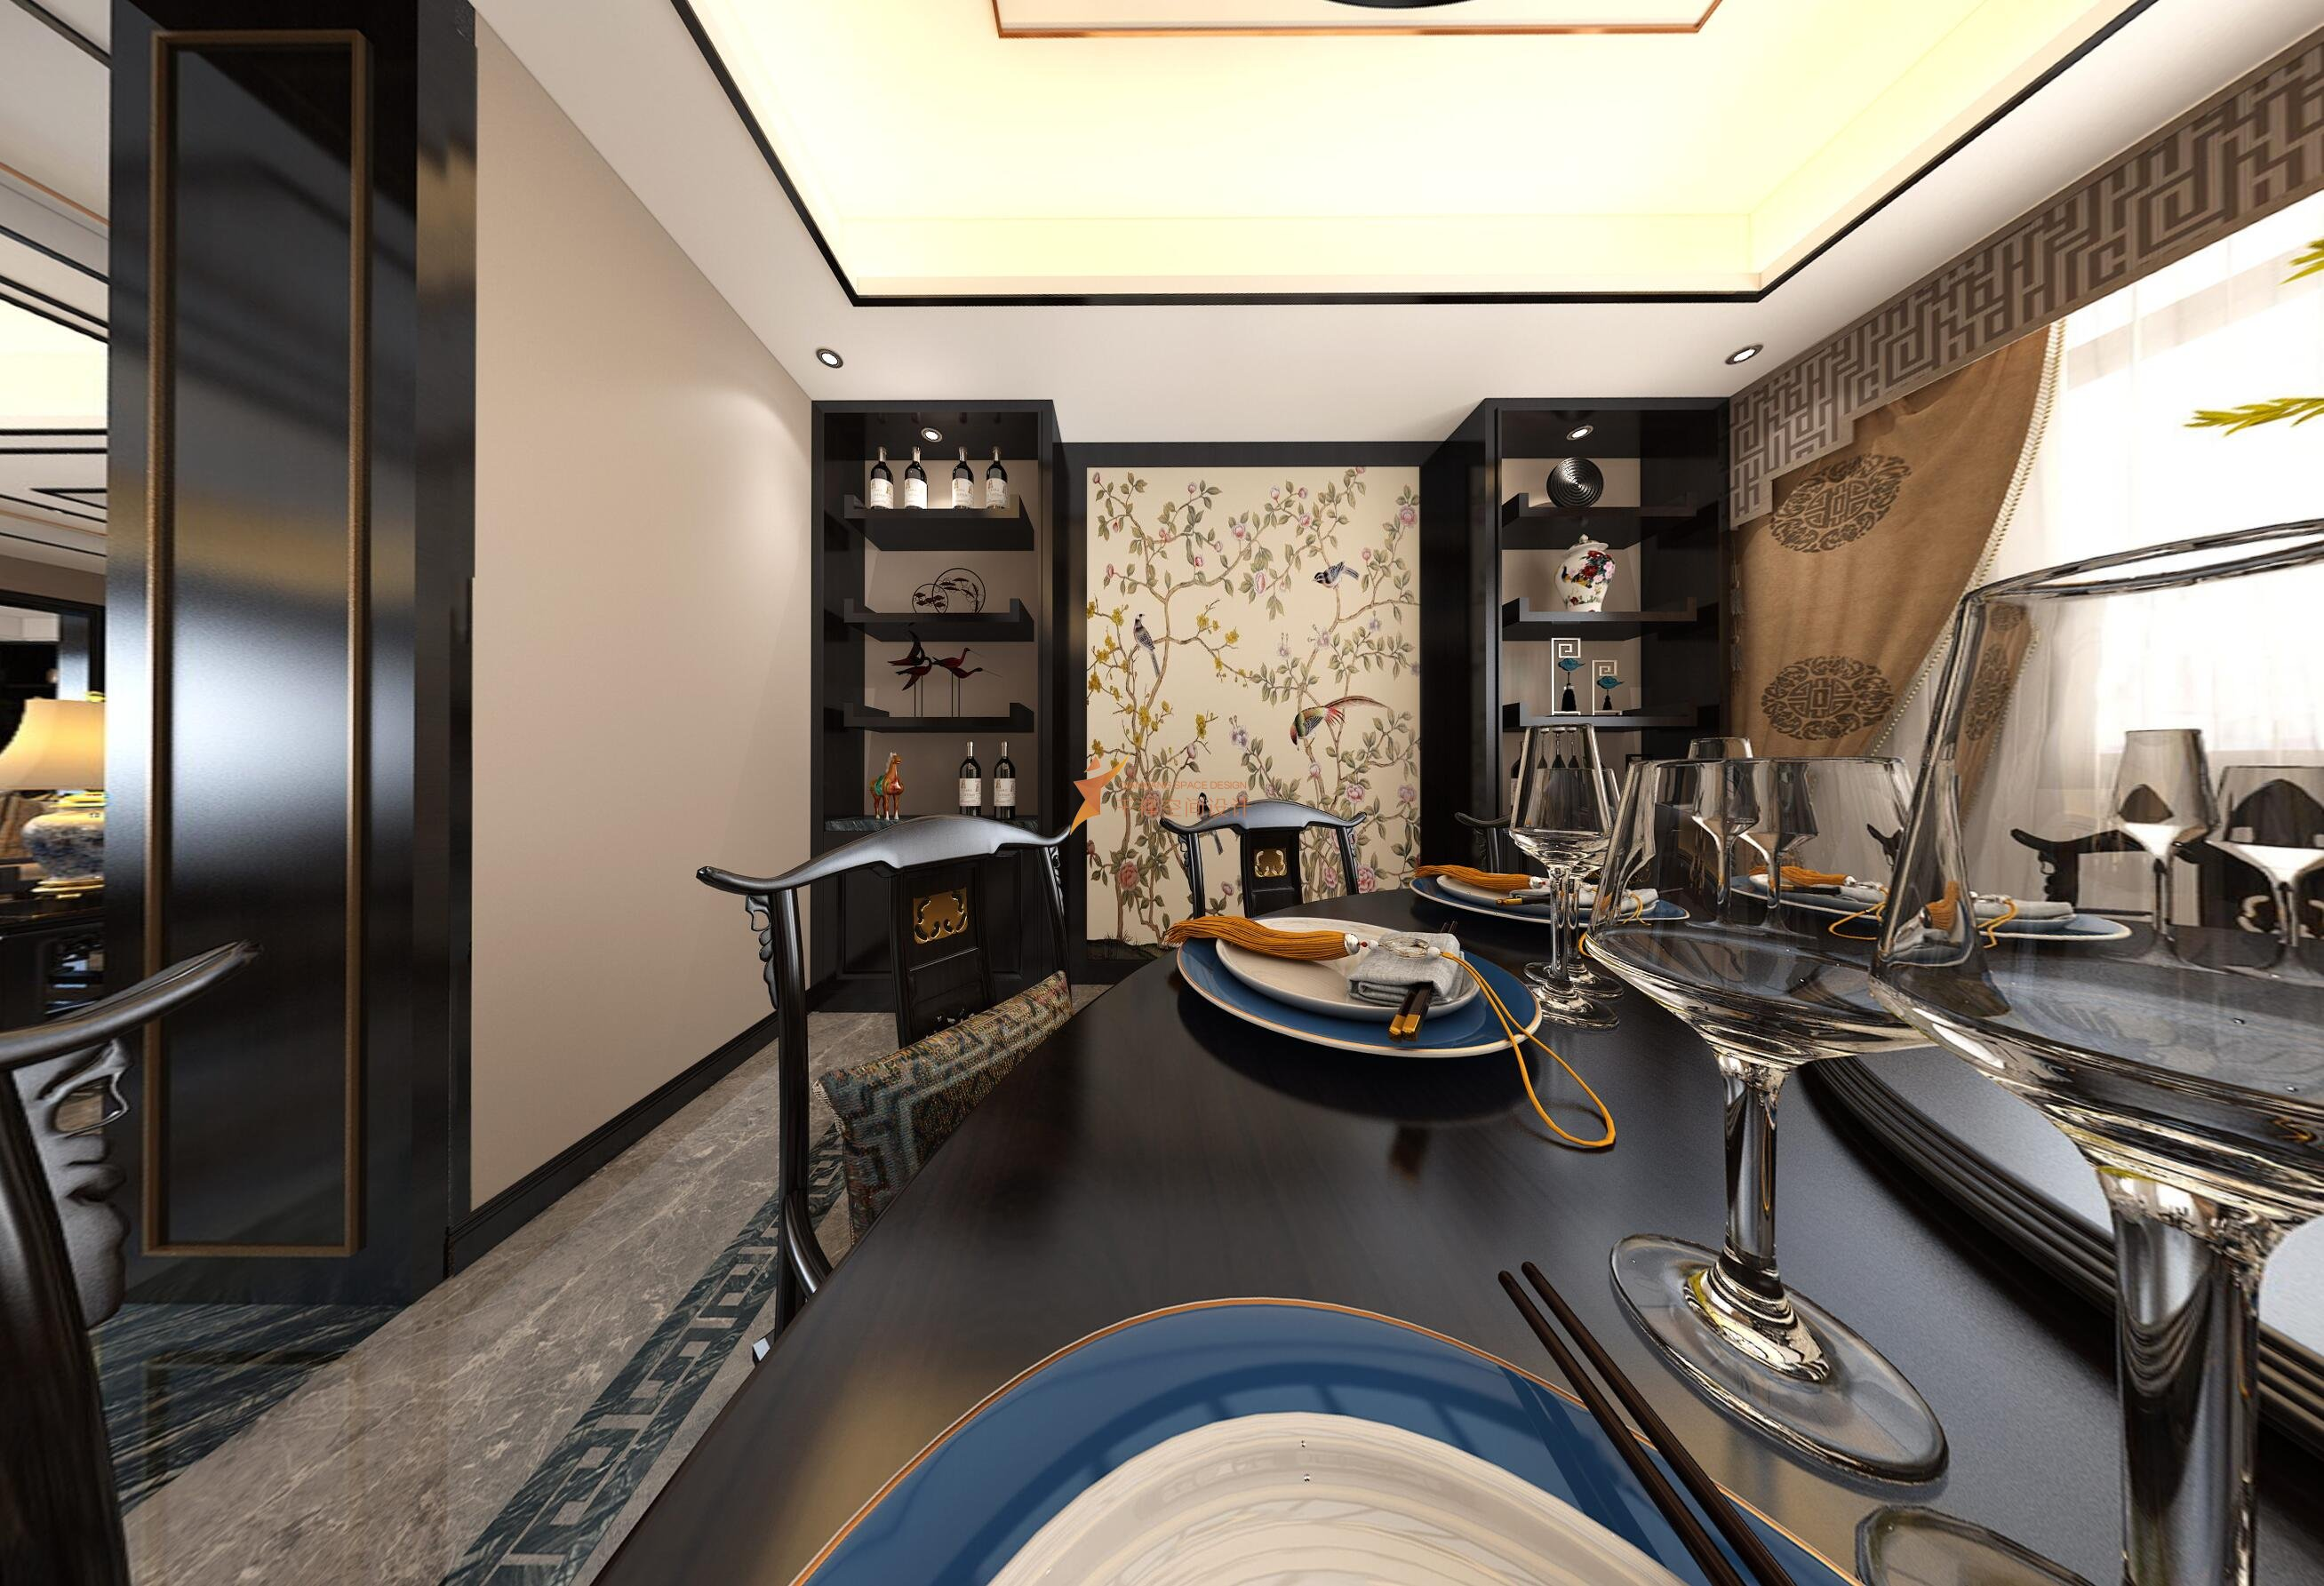 宝山区罗店镇美安路新中式风格别墅设计-宝山区新中式别墅设计-餐厅设计效果图